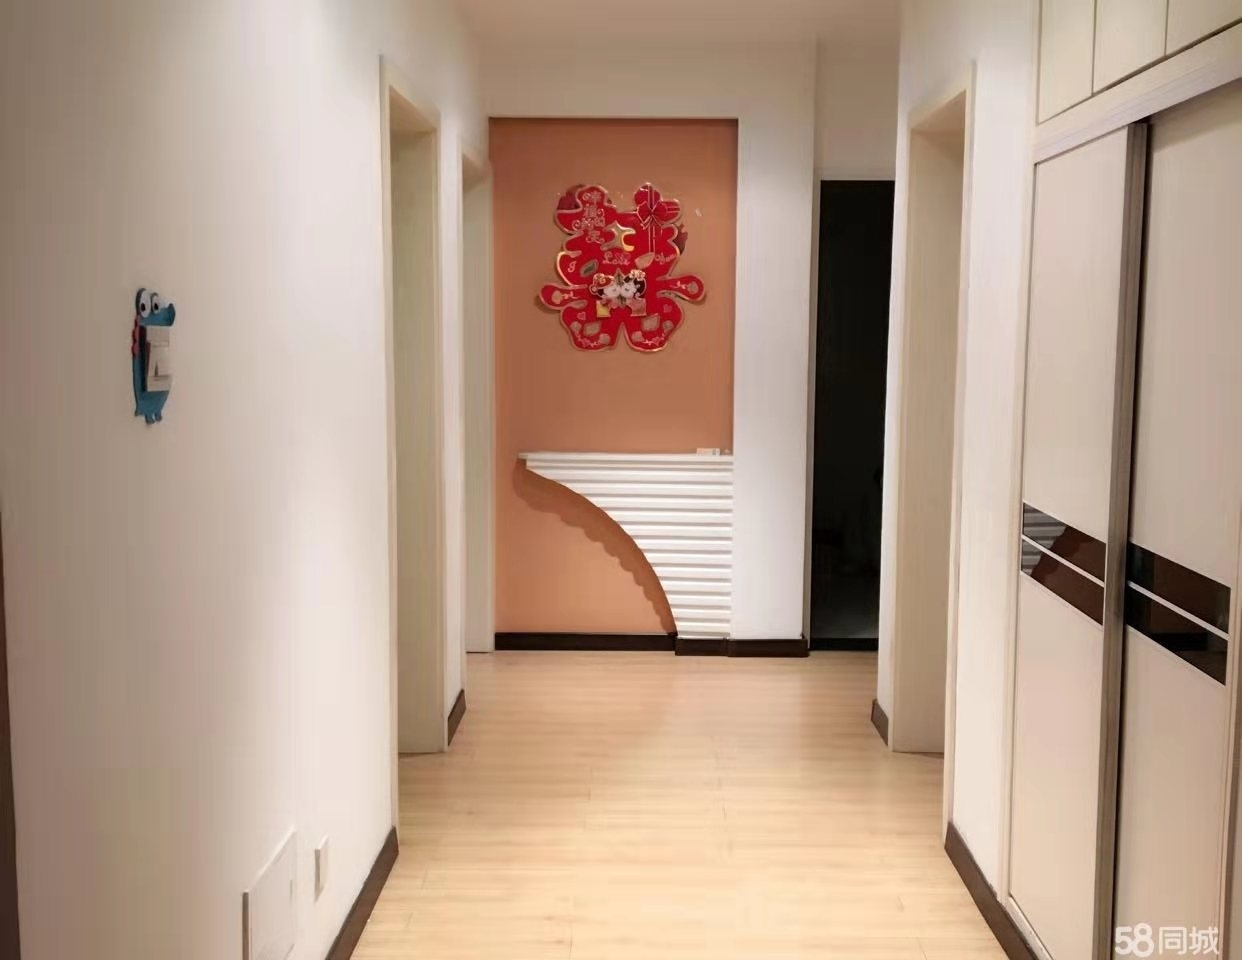 帝景东方5室 3厅 2卫,精装有证满五唯一 可分期